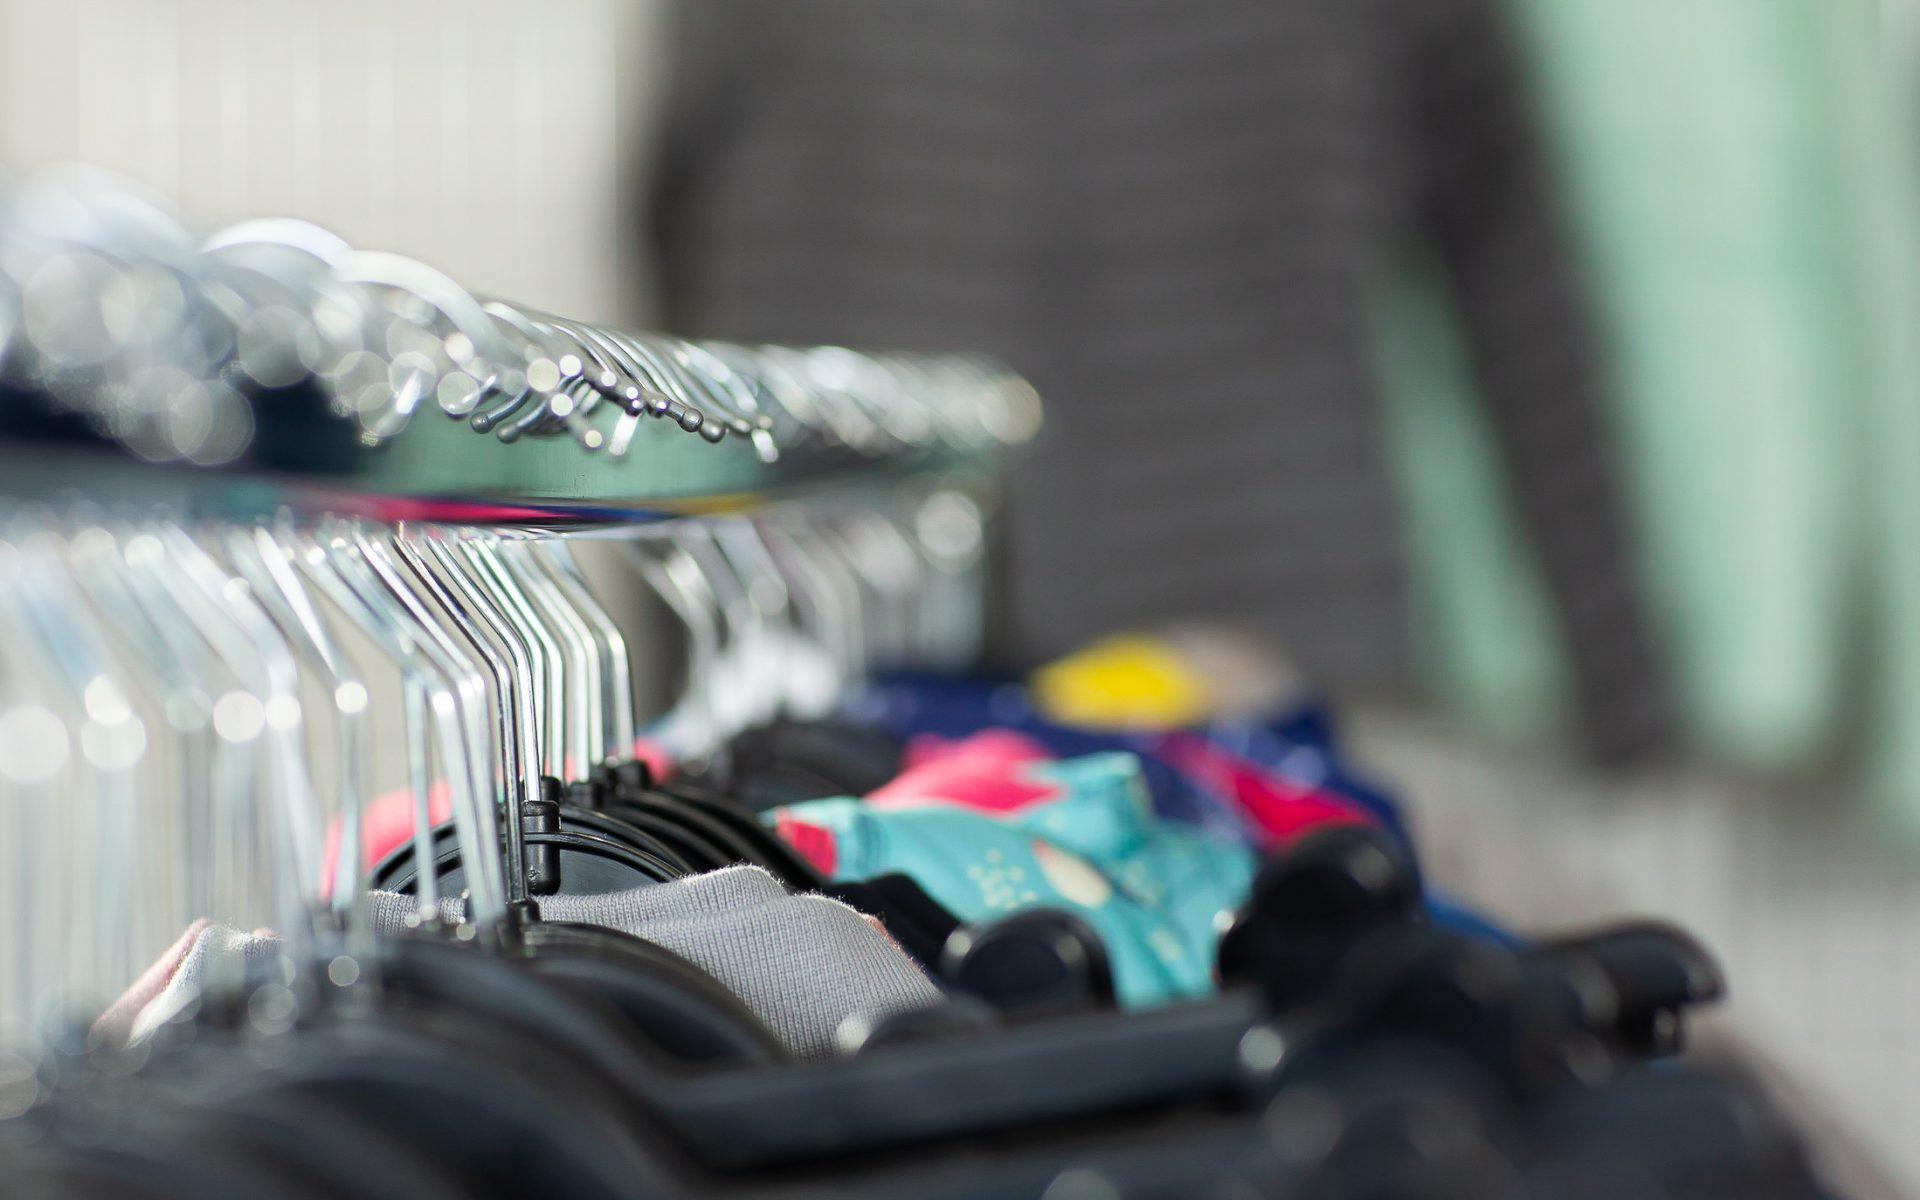 Nachhaltige Textilien Kleidung Dunkel auf der Stange